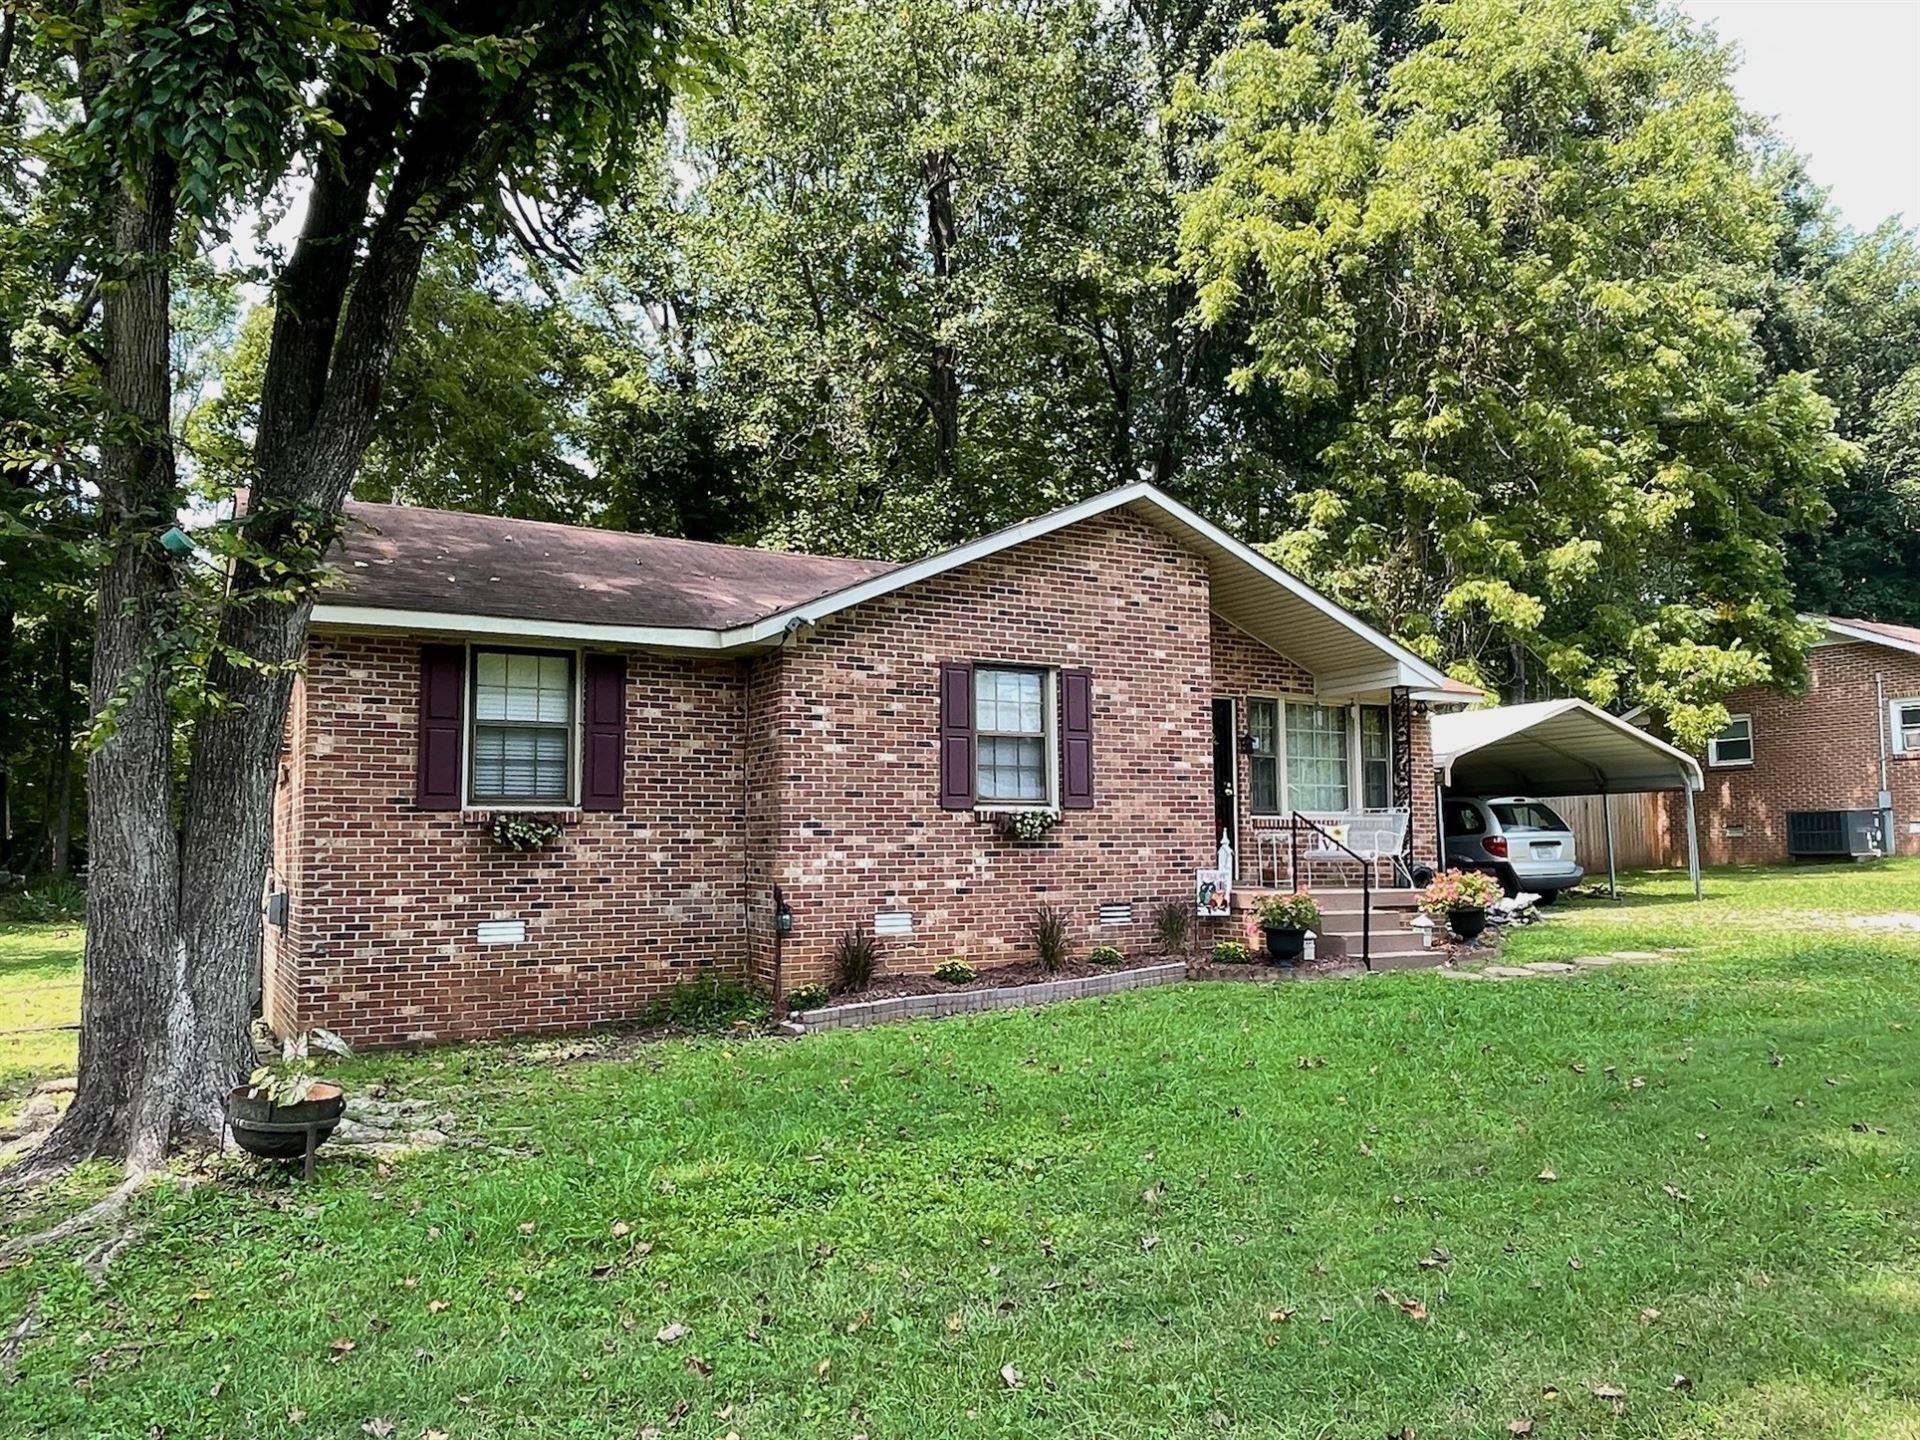 548 Bragg Ave, Smyrna, TN 37167 - MLS#: 2294234